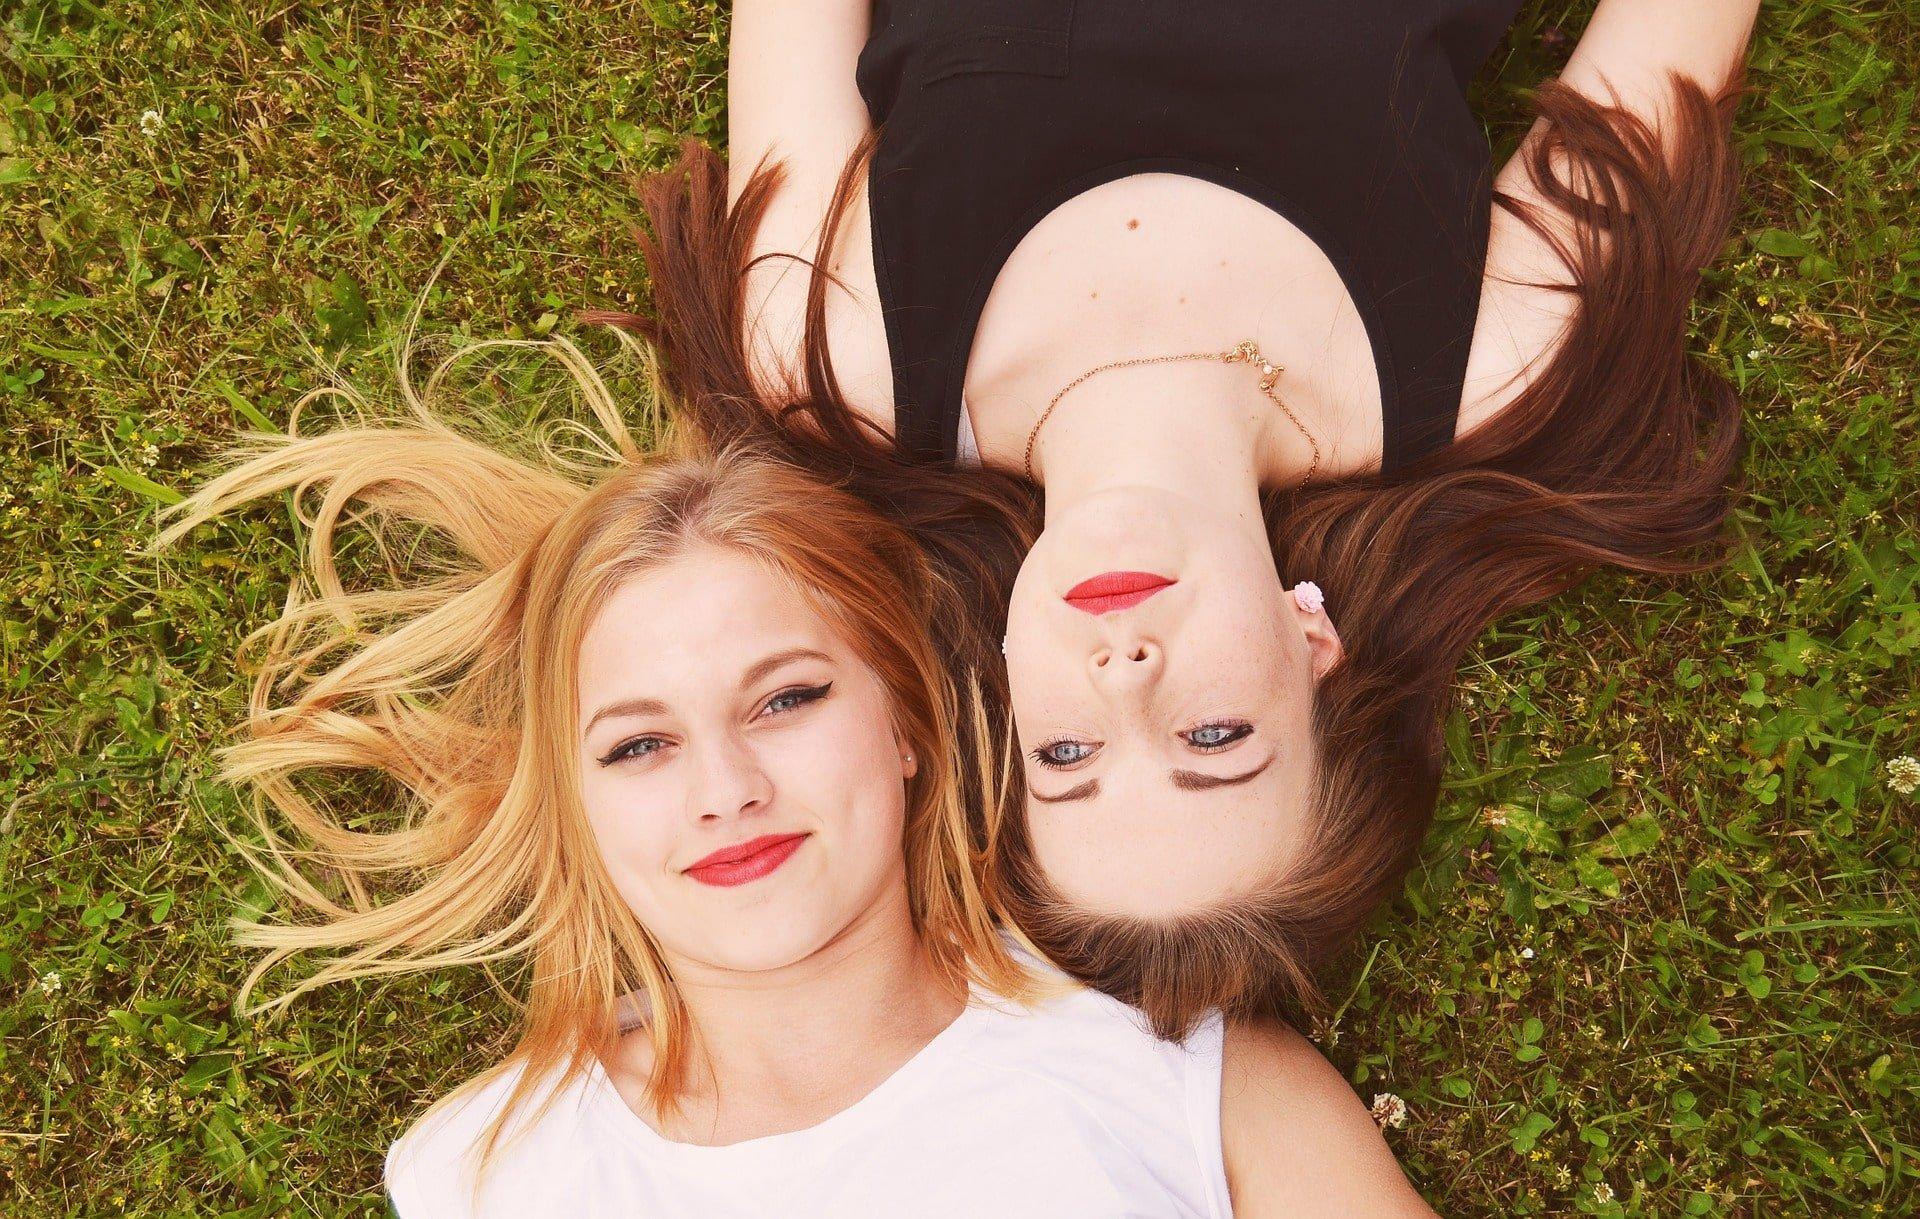 Hvad kan man lave med sin veninde?